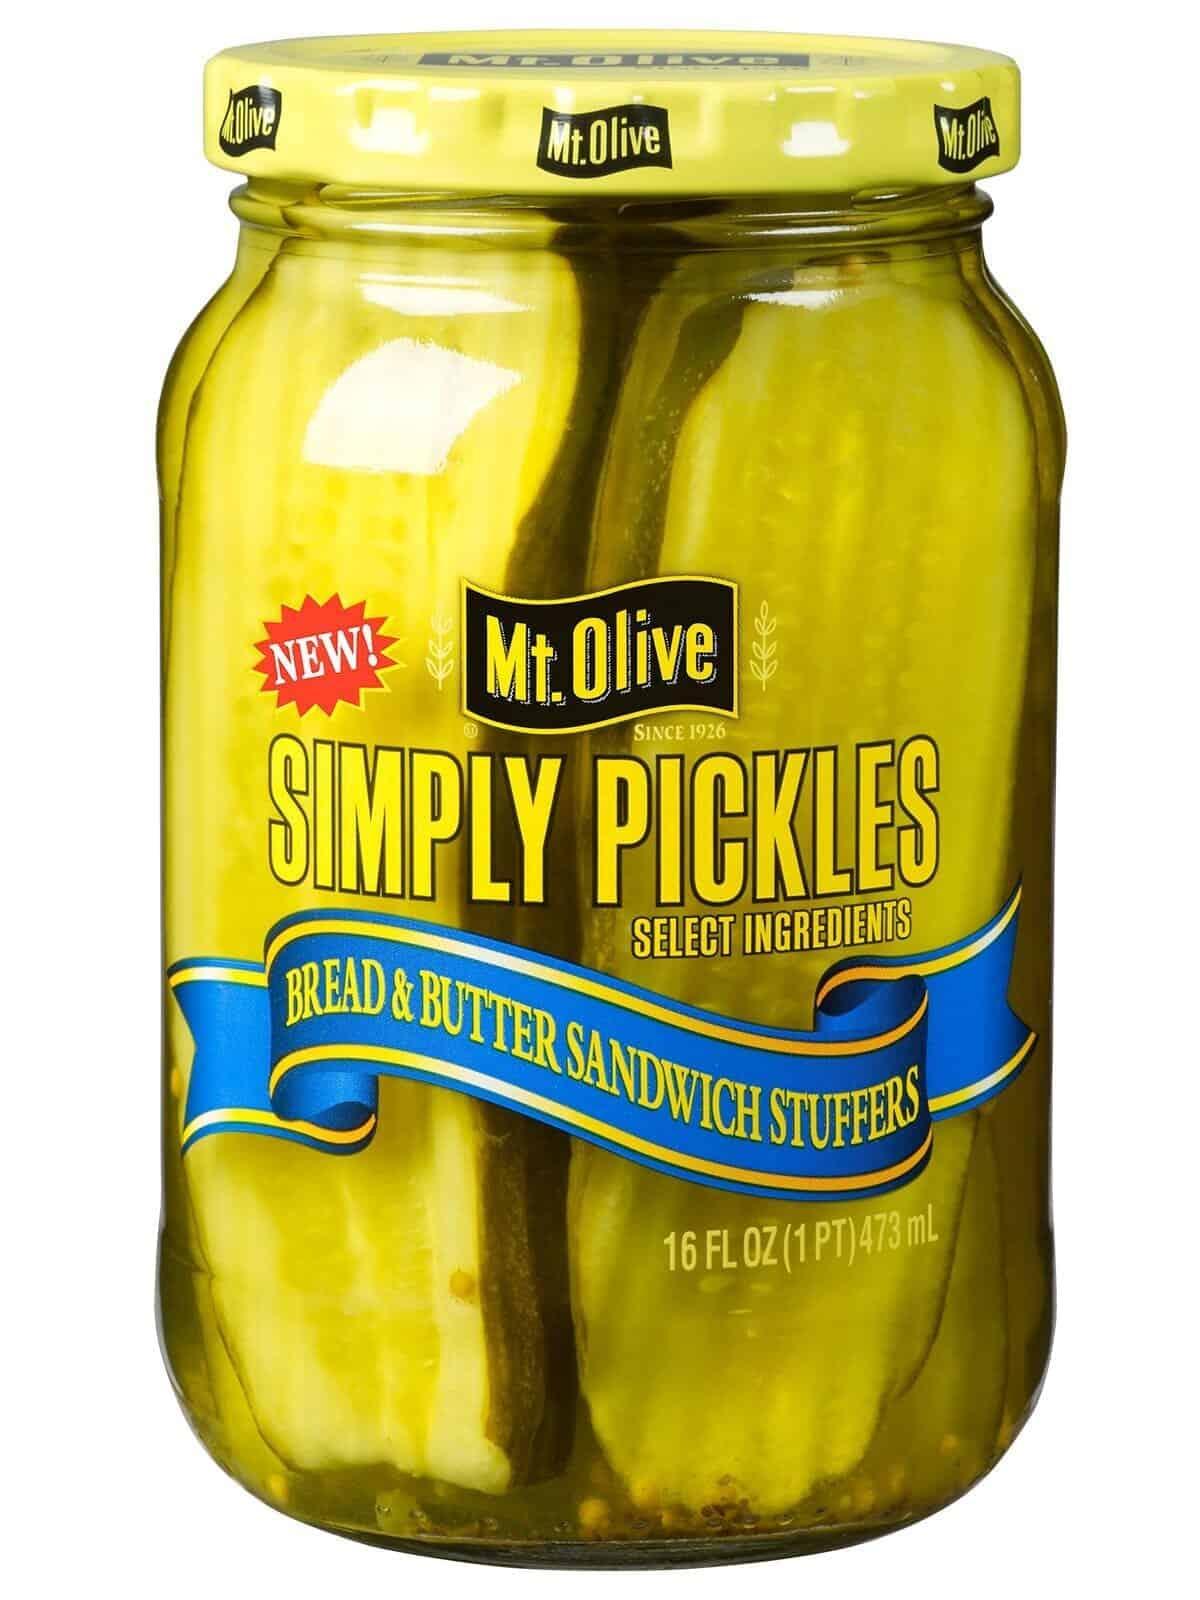 Simply Pickles Bread & Butter Sandwich Stuffers